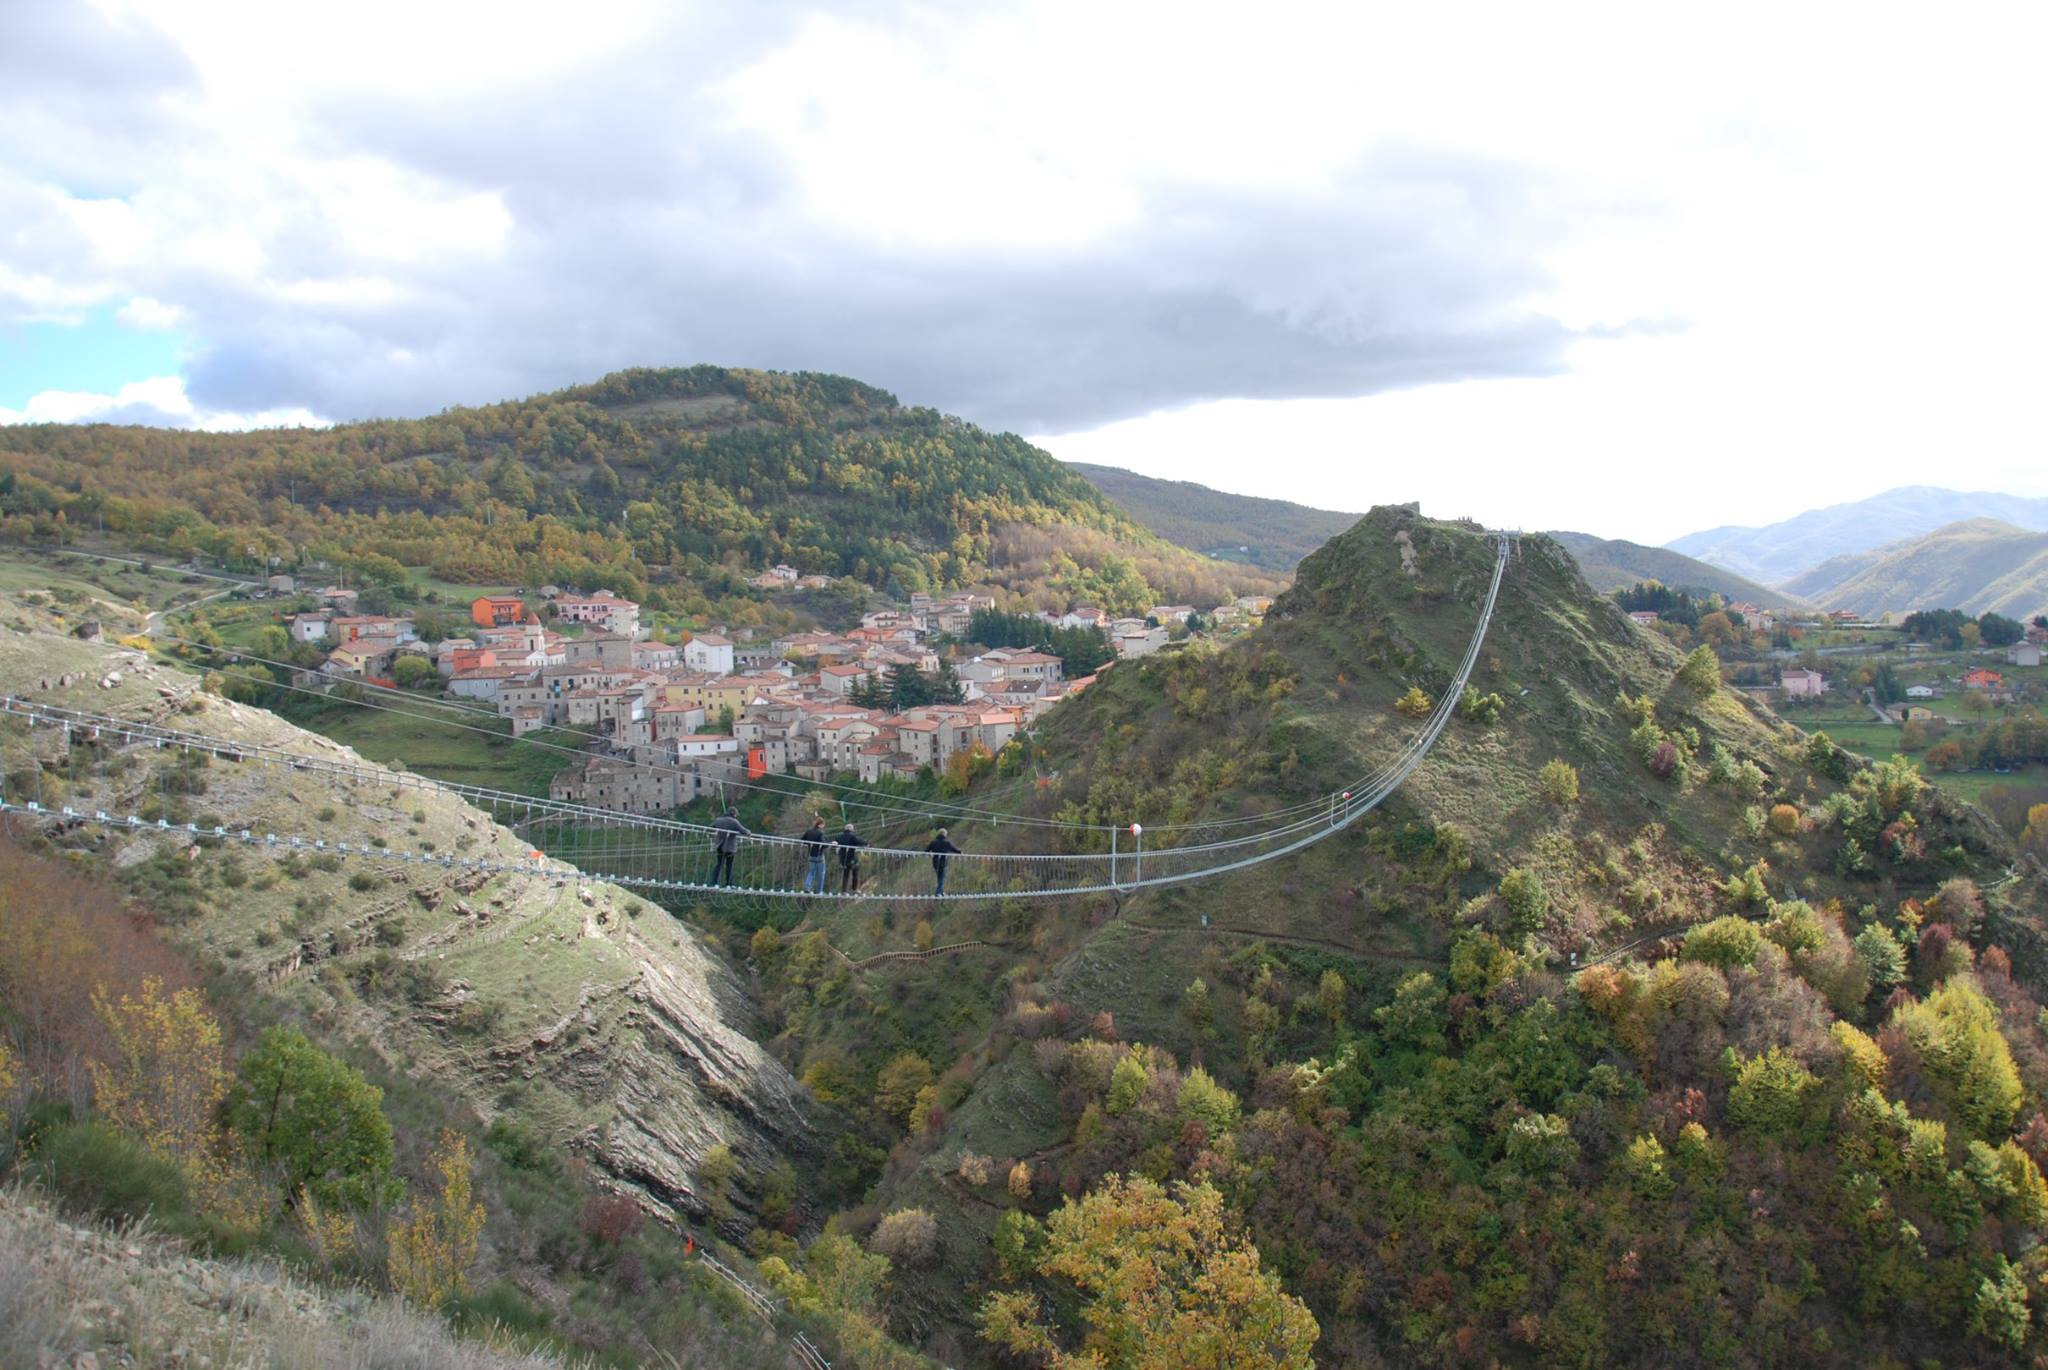 Ponte alla luna sasso di castalda gioved il taglio del for Piani di progettazione di ponti gratuiti